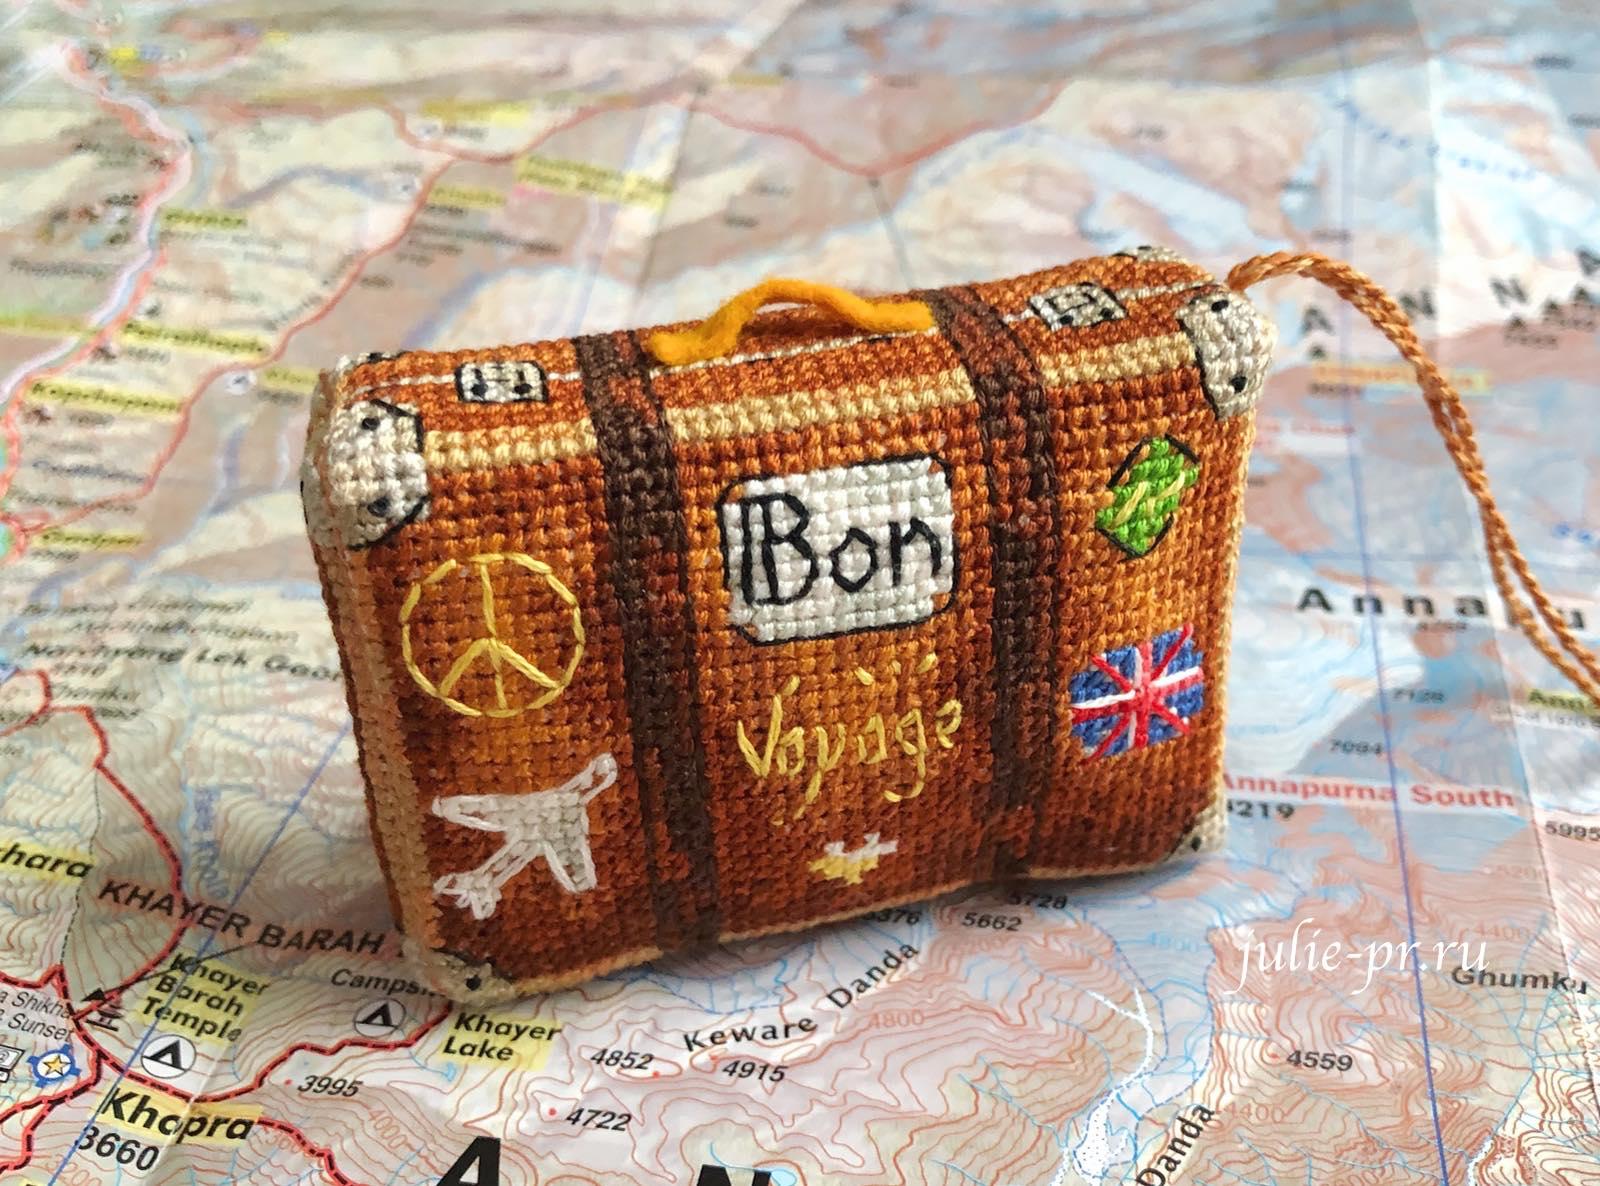 Чемодан путешественника, вышивка крестом, вышитая елочная игрушка, Ольга Петренко